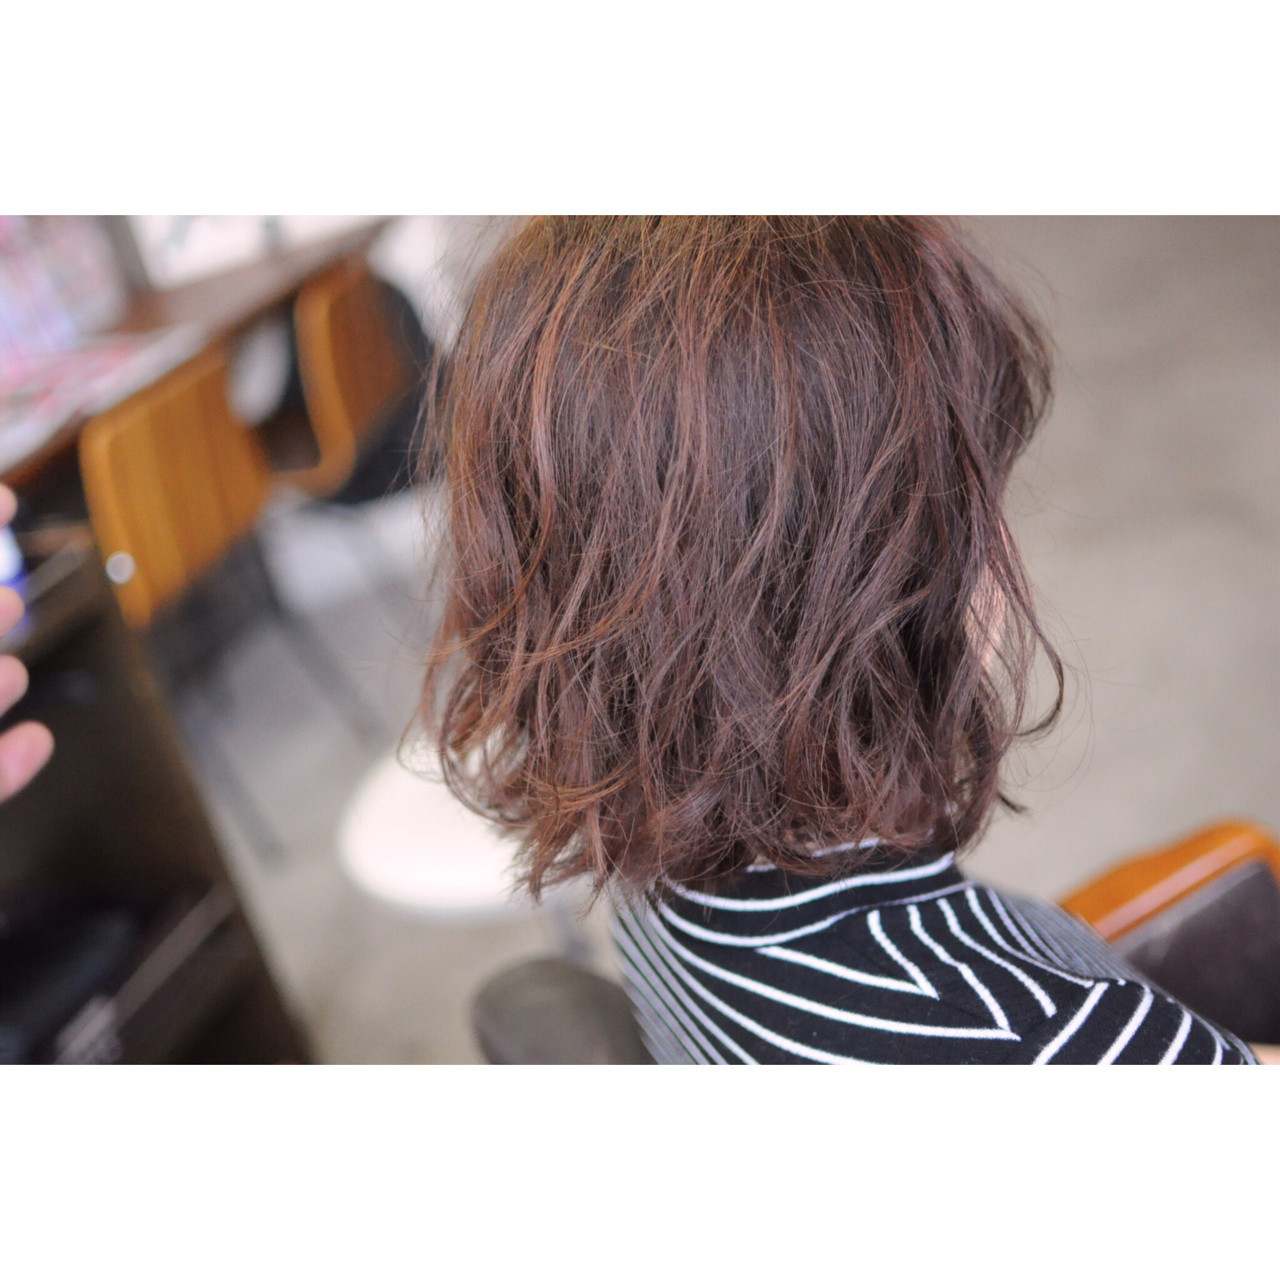 バレイヤージュ 外国人風カラー メッシュ ボブ ヘアスタイルや髪型の写真・画像